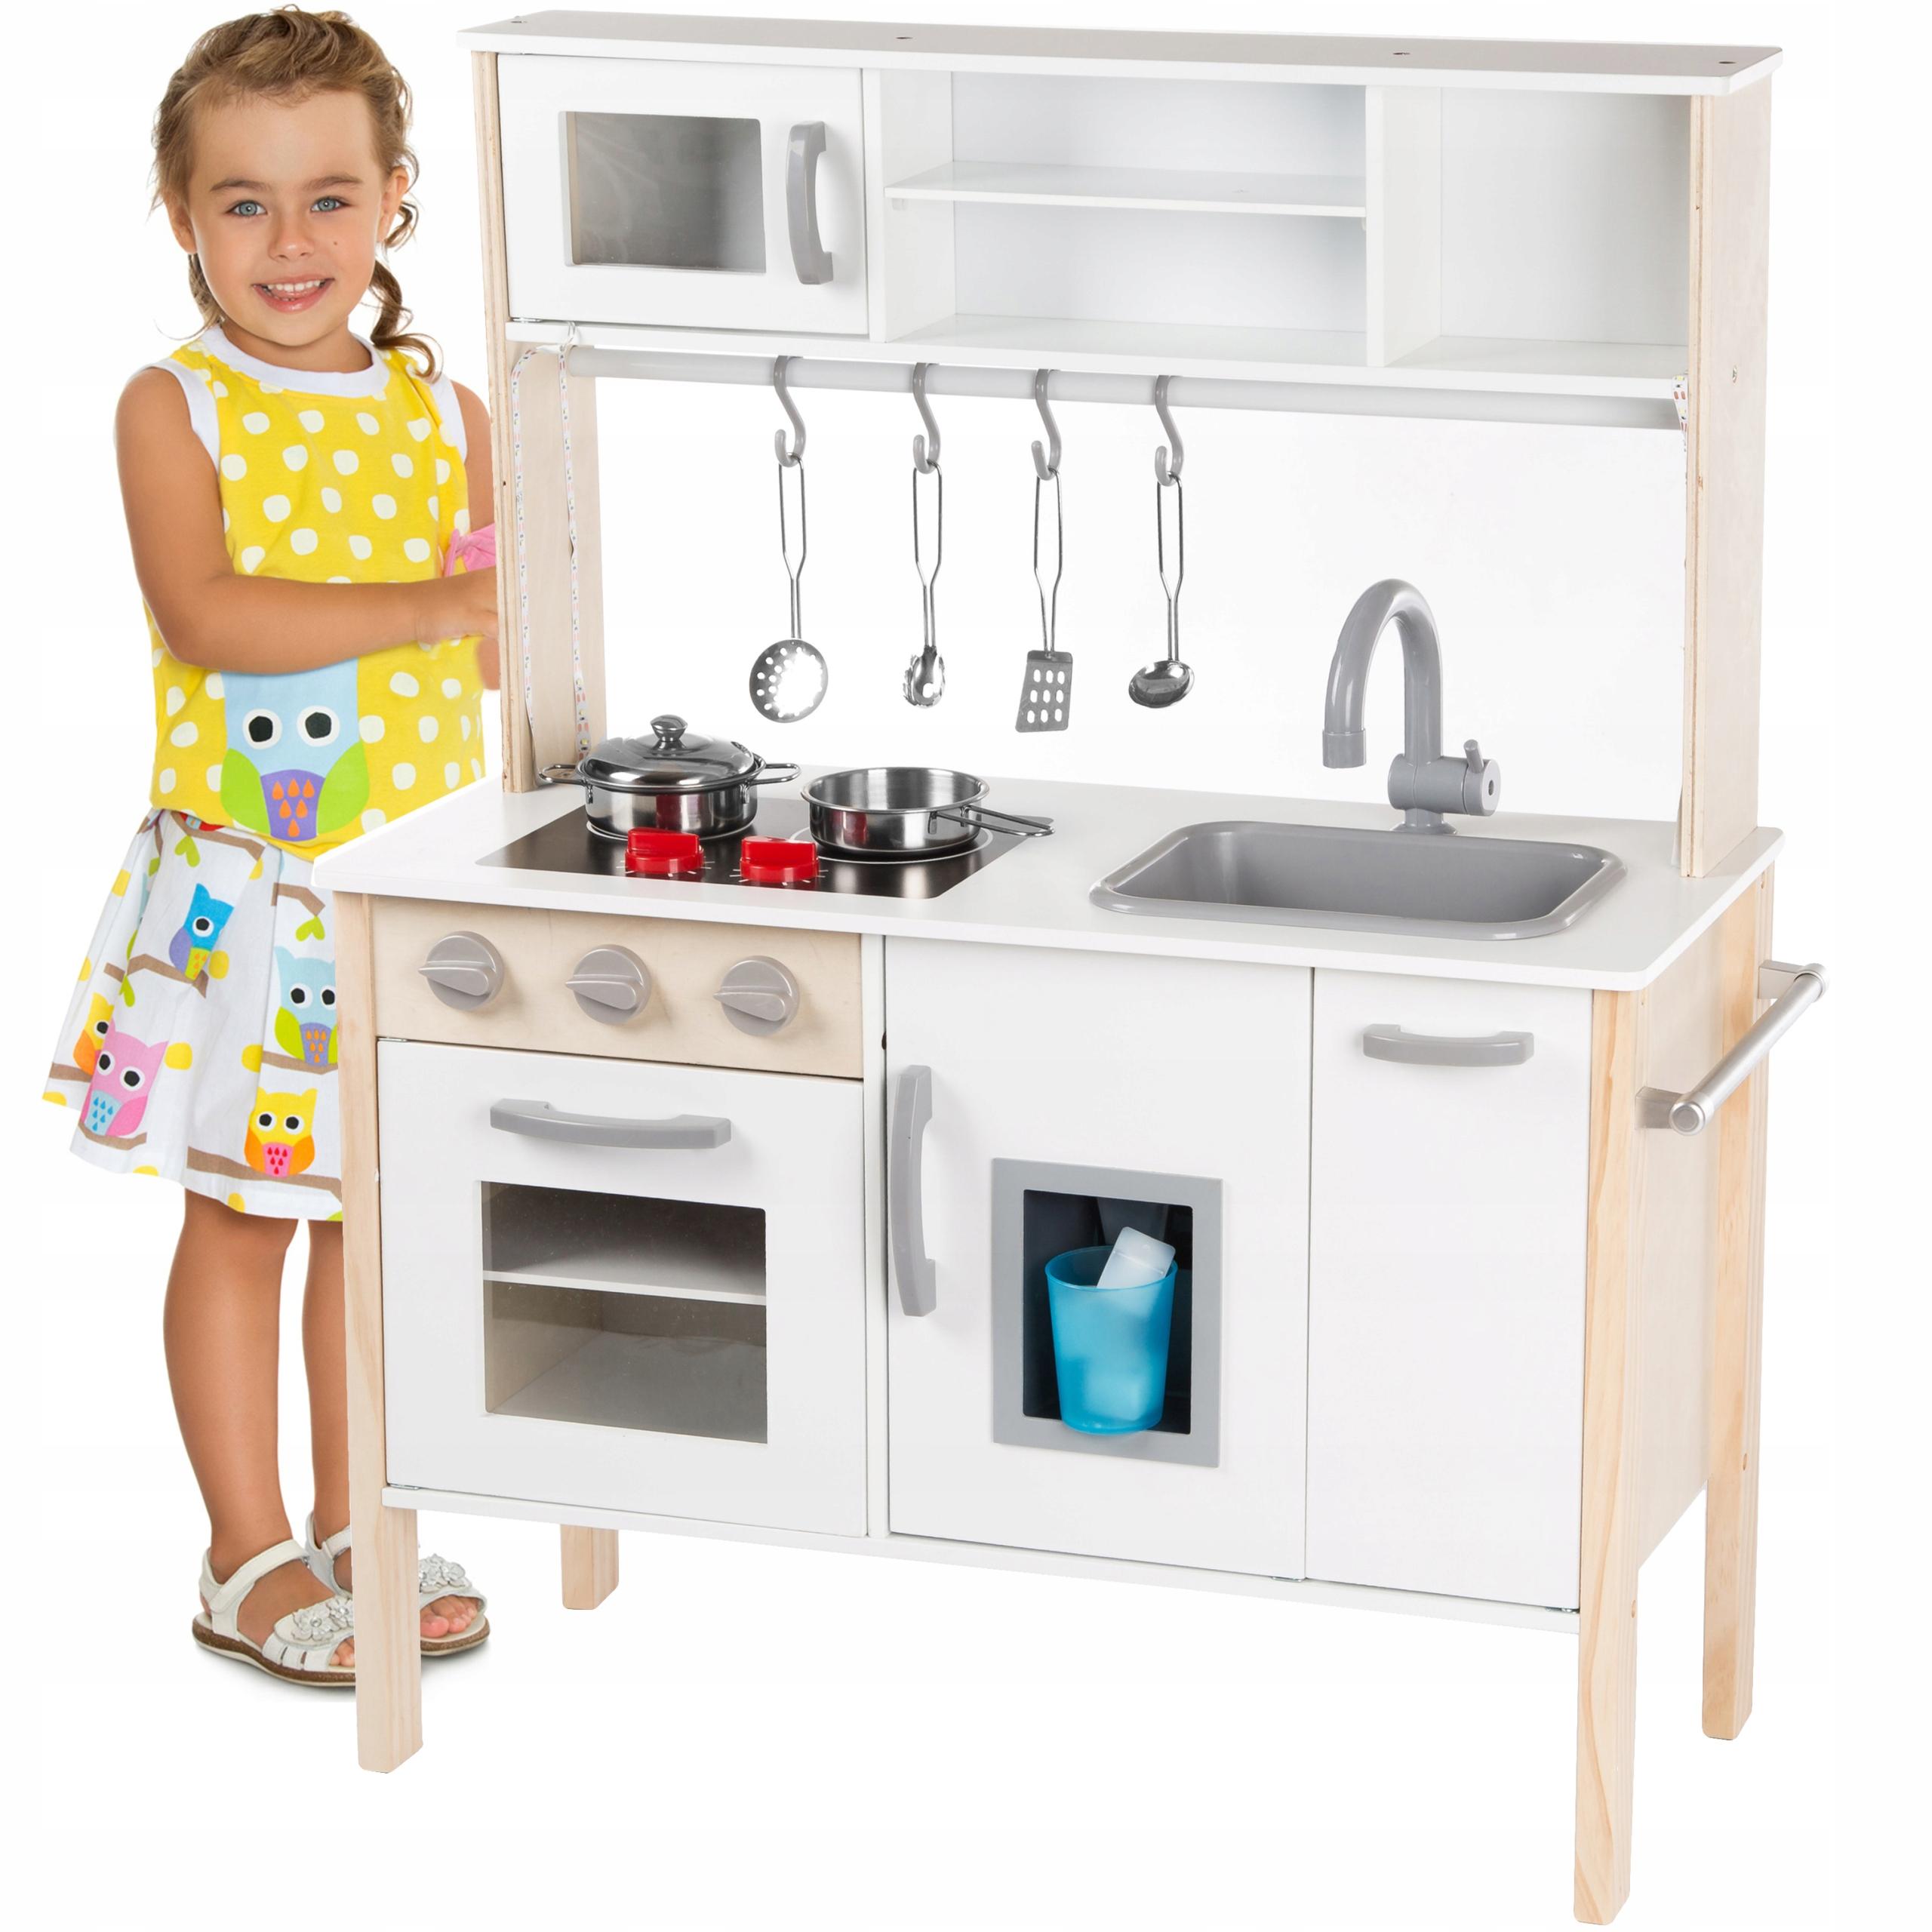 Kinderplay Drewniana Kuchnia Dla Dzieci Swiatlo 8363057142 Allegro Pl